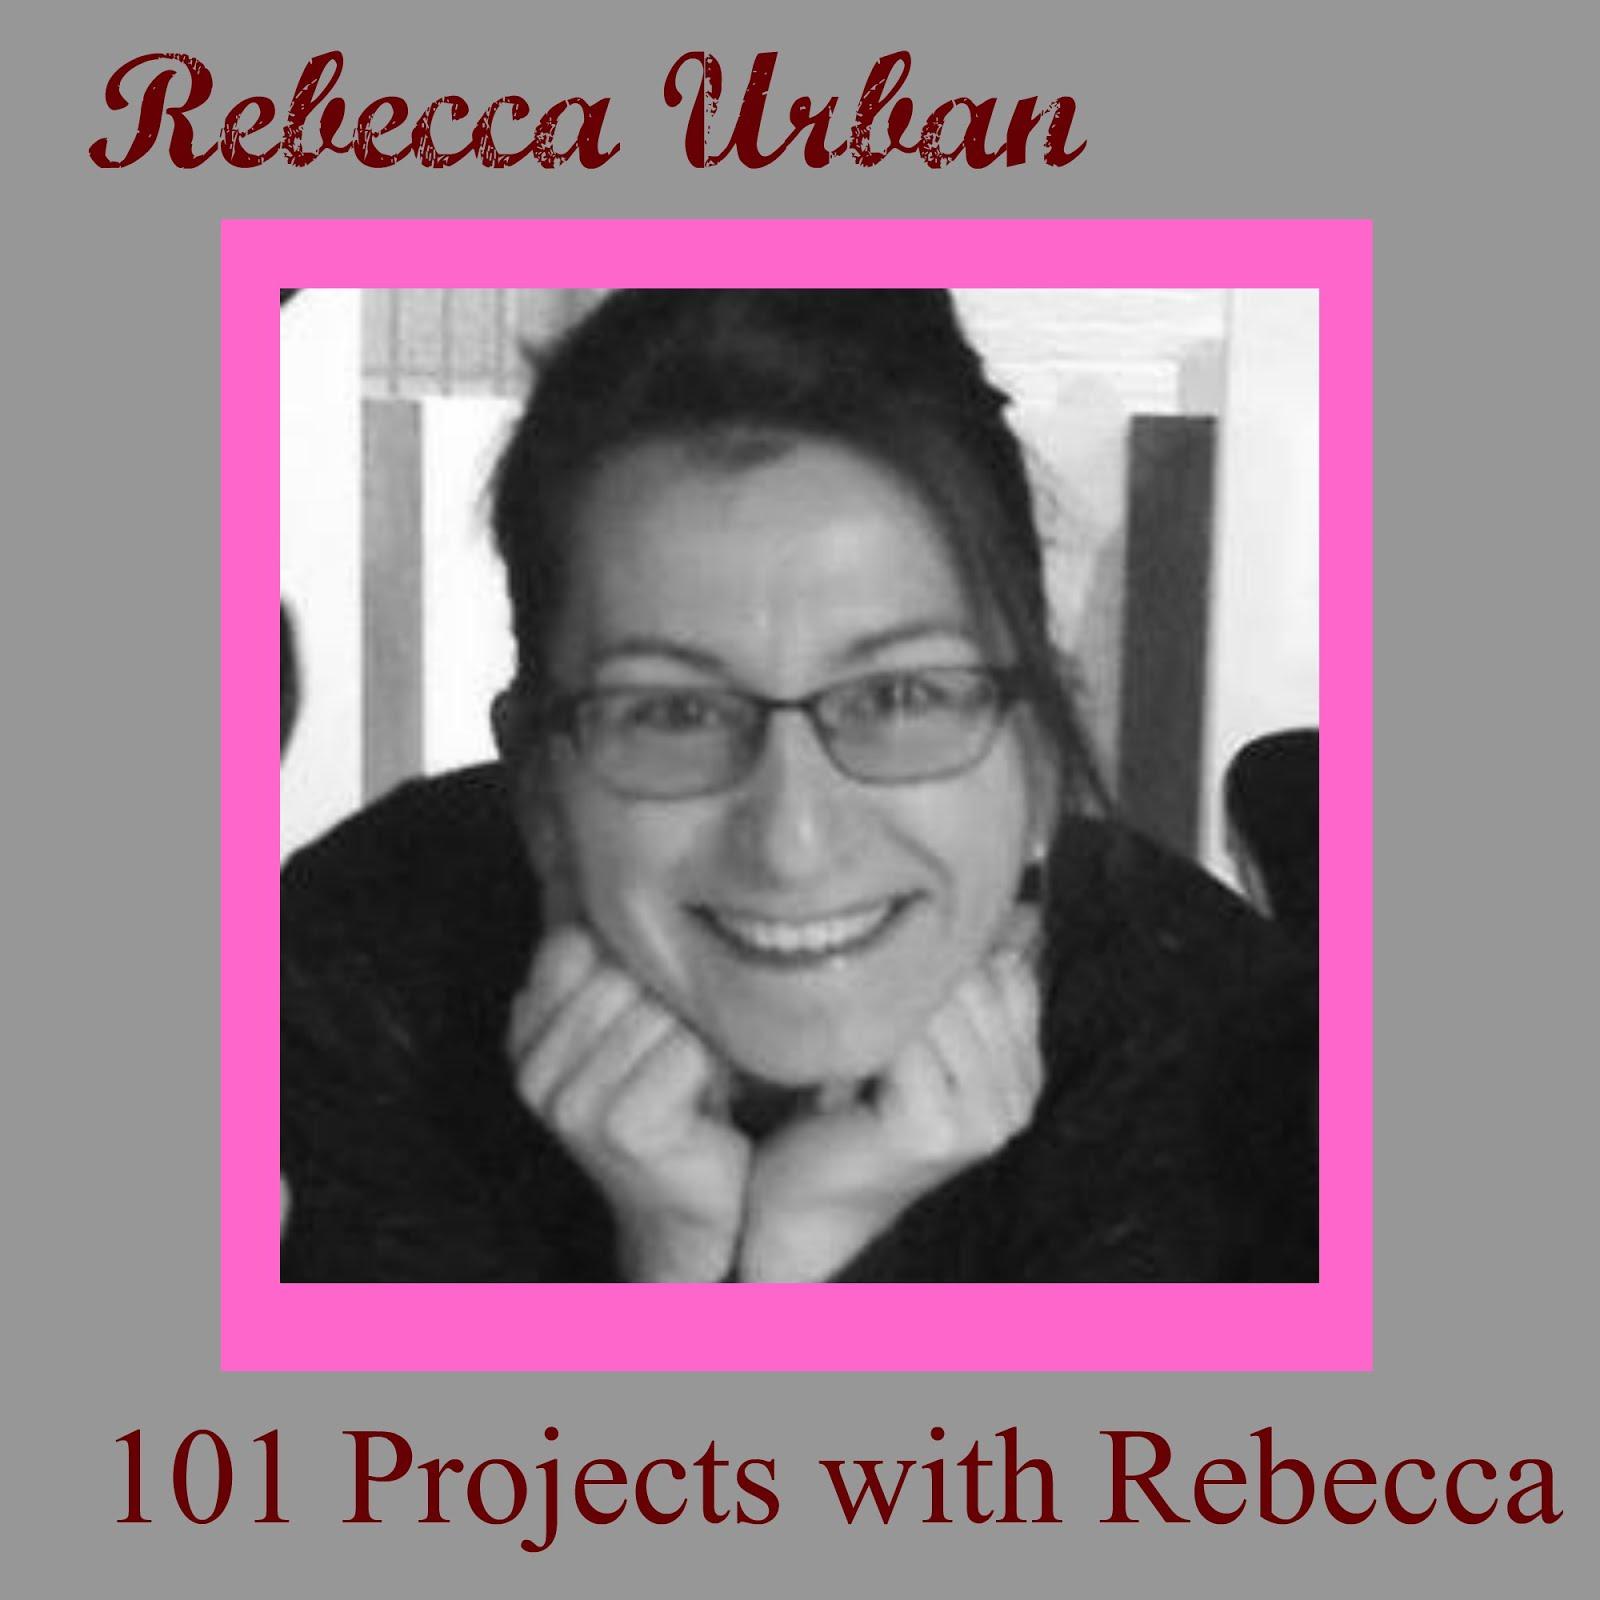 Rebecca Urban